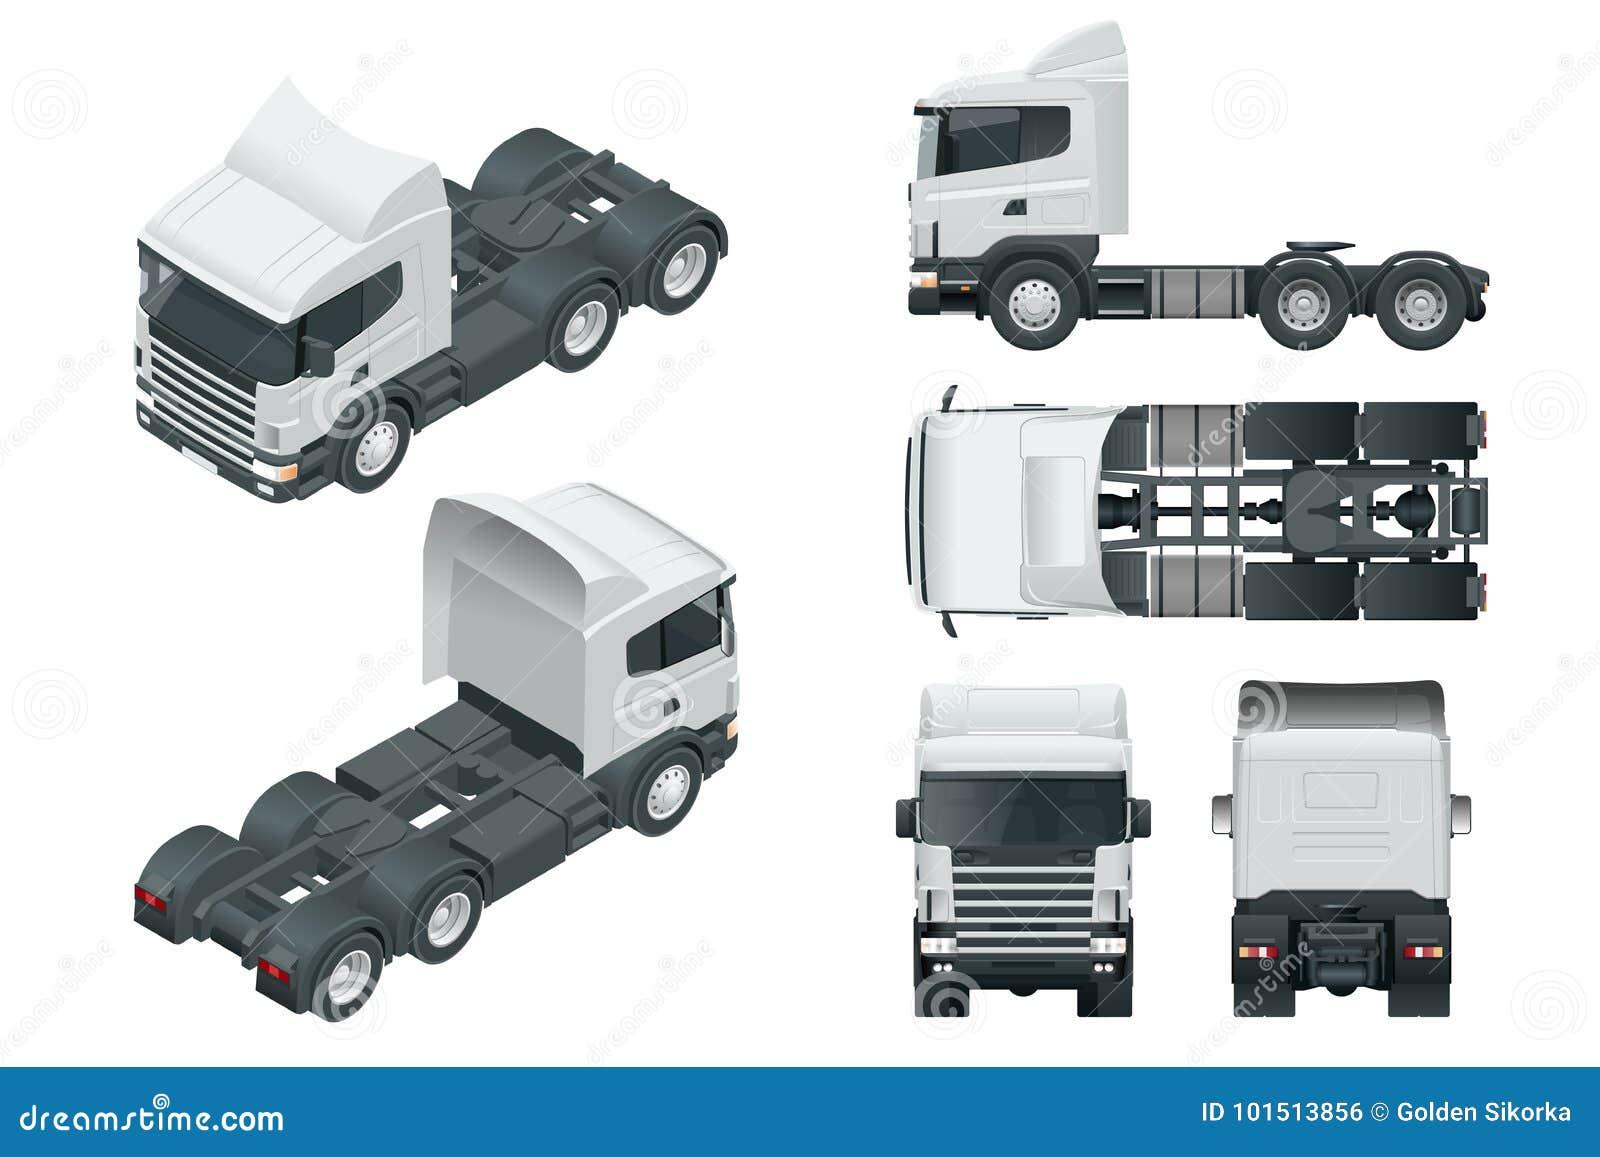 LKW-Traktor oder Sattelschlepper-LKW Sehen Sie die vordere, hintere, Seiten-, Spitzen- und isometry Front an, hinter Fracht, die